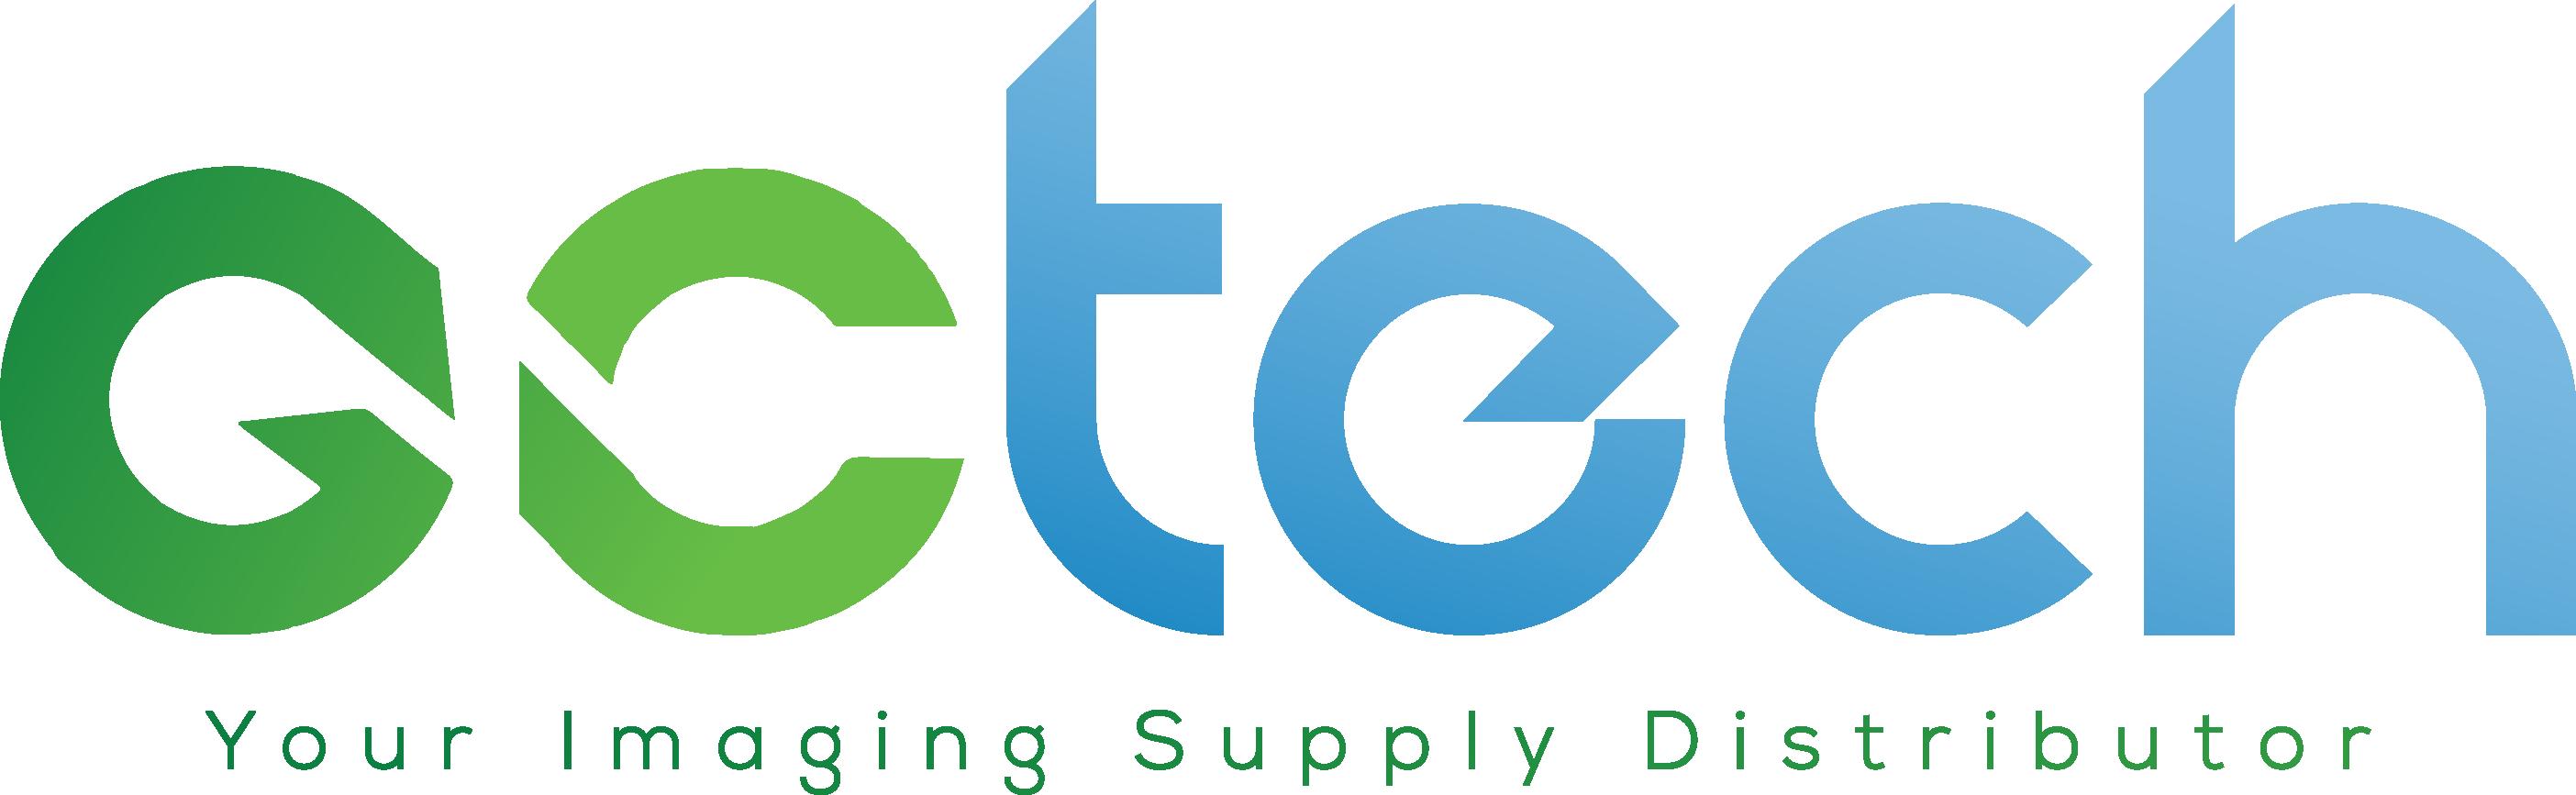 GCTECH LLC